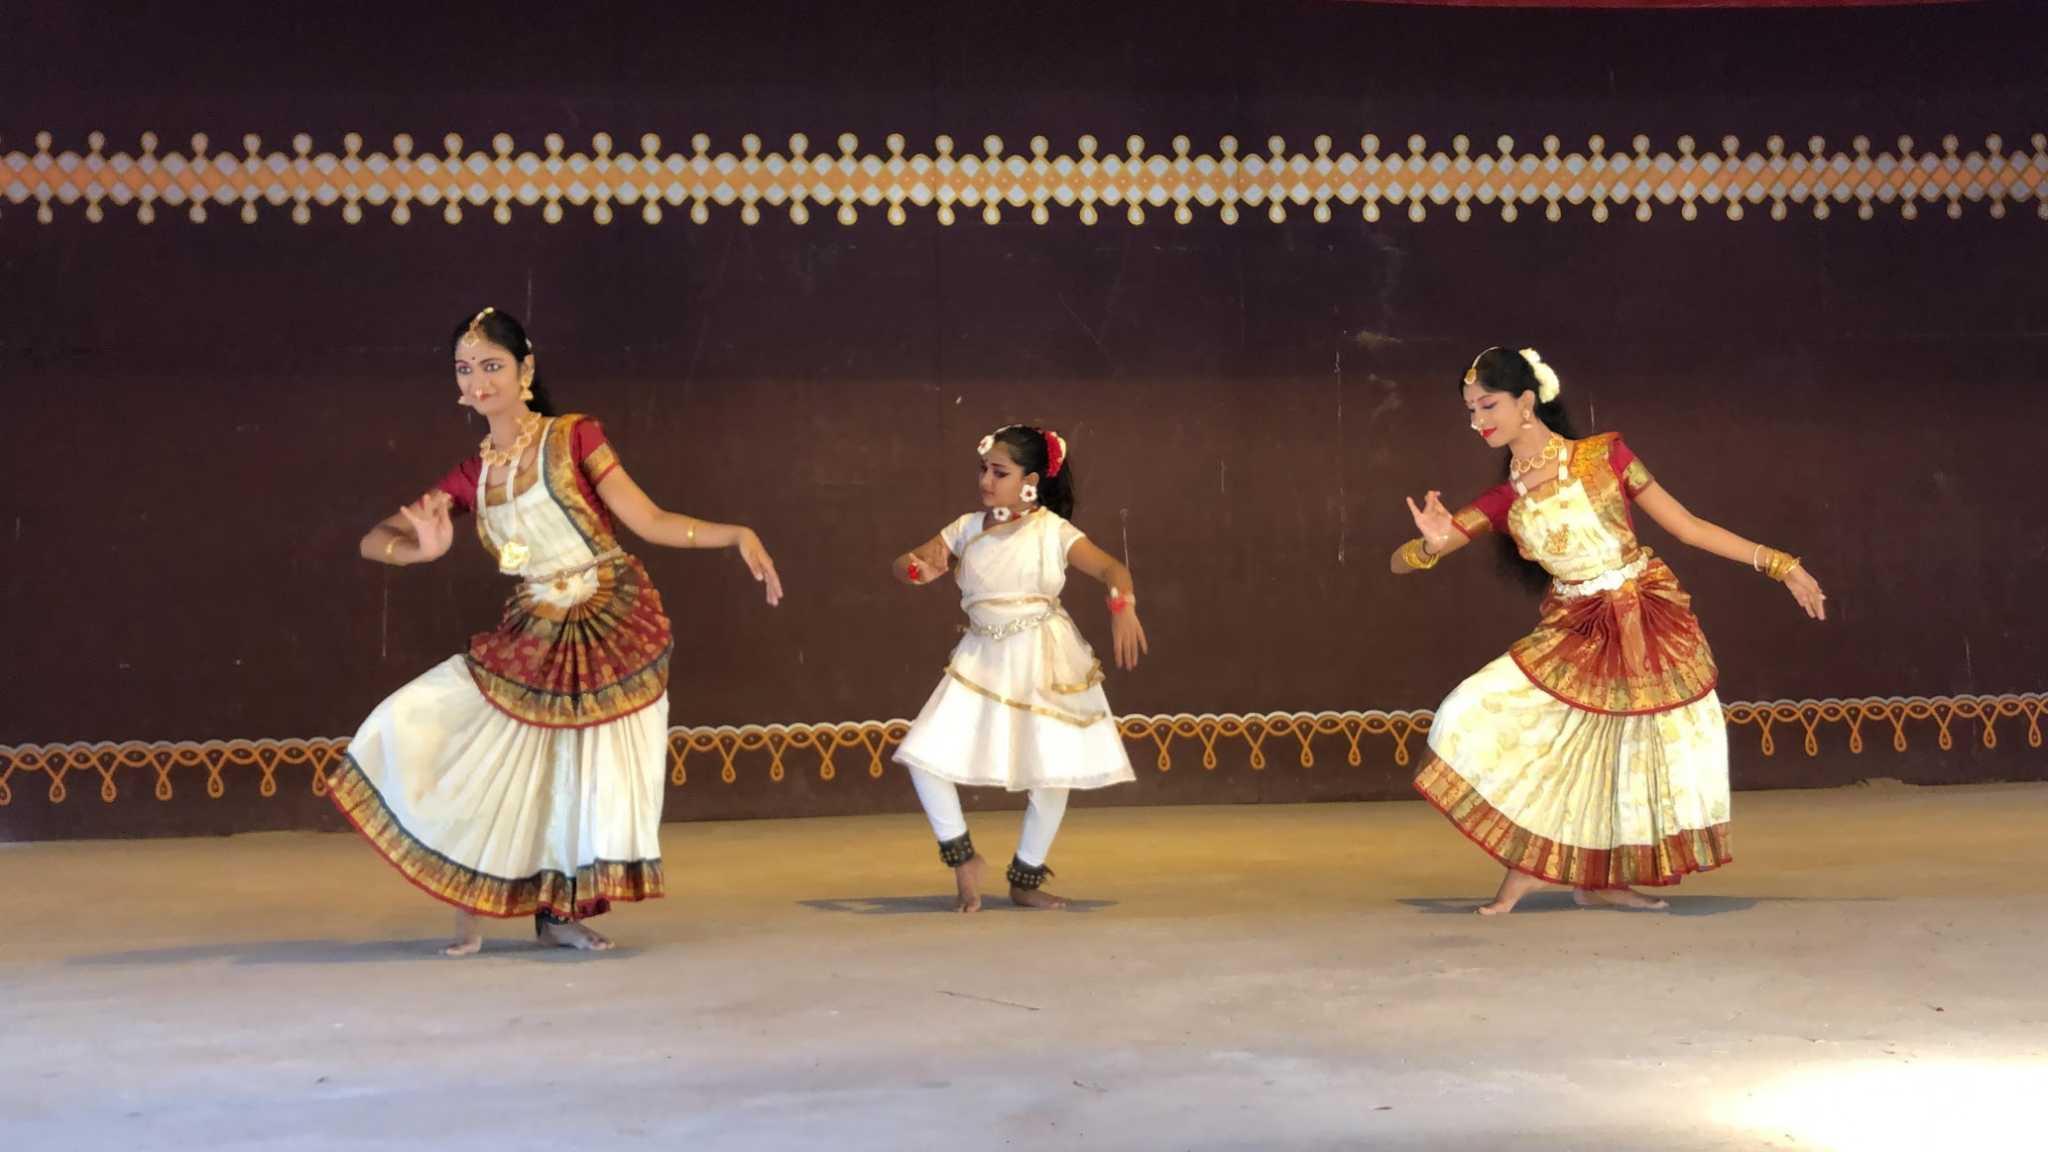 Dança típica Madurai Índia